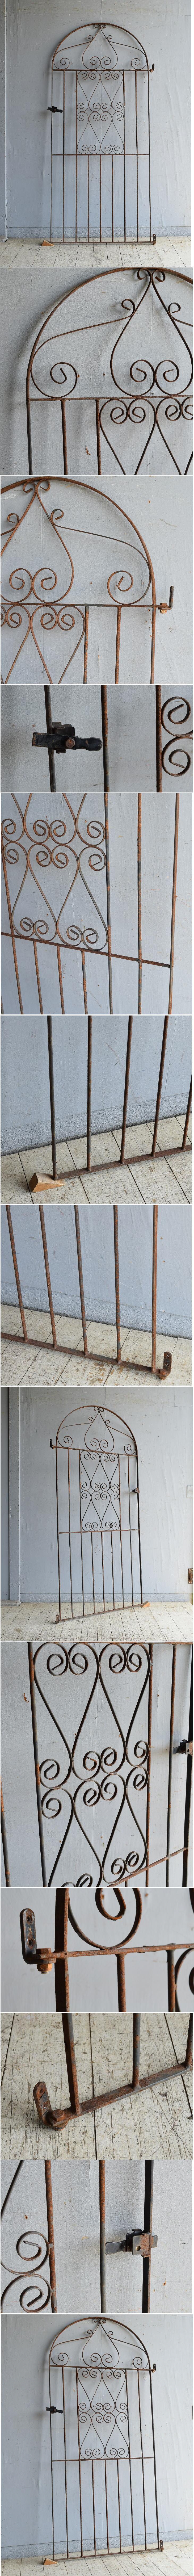 イギリスアンティーク アイアンフェンス ゲート柵 ガーデニング 8758